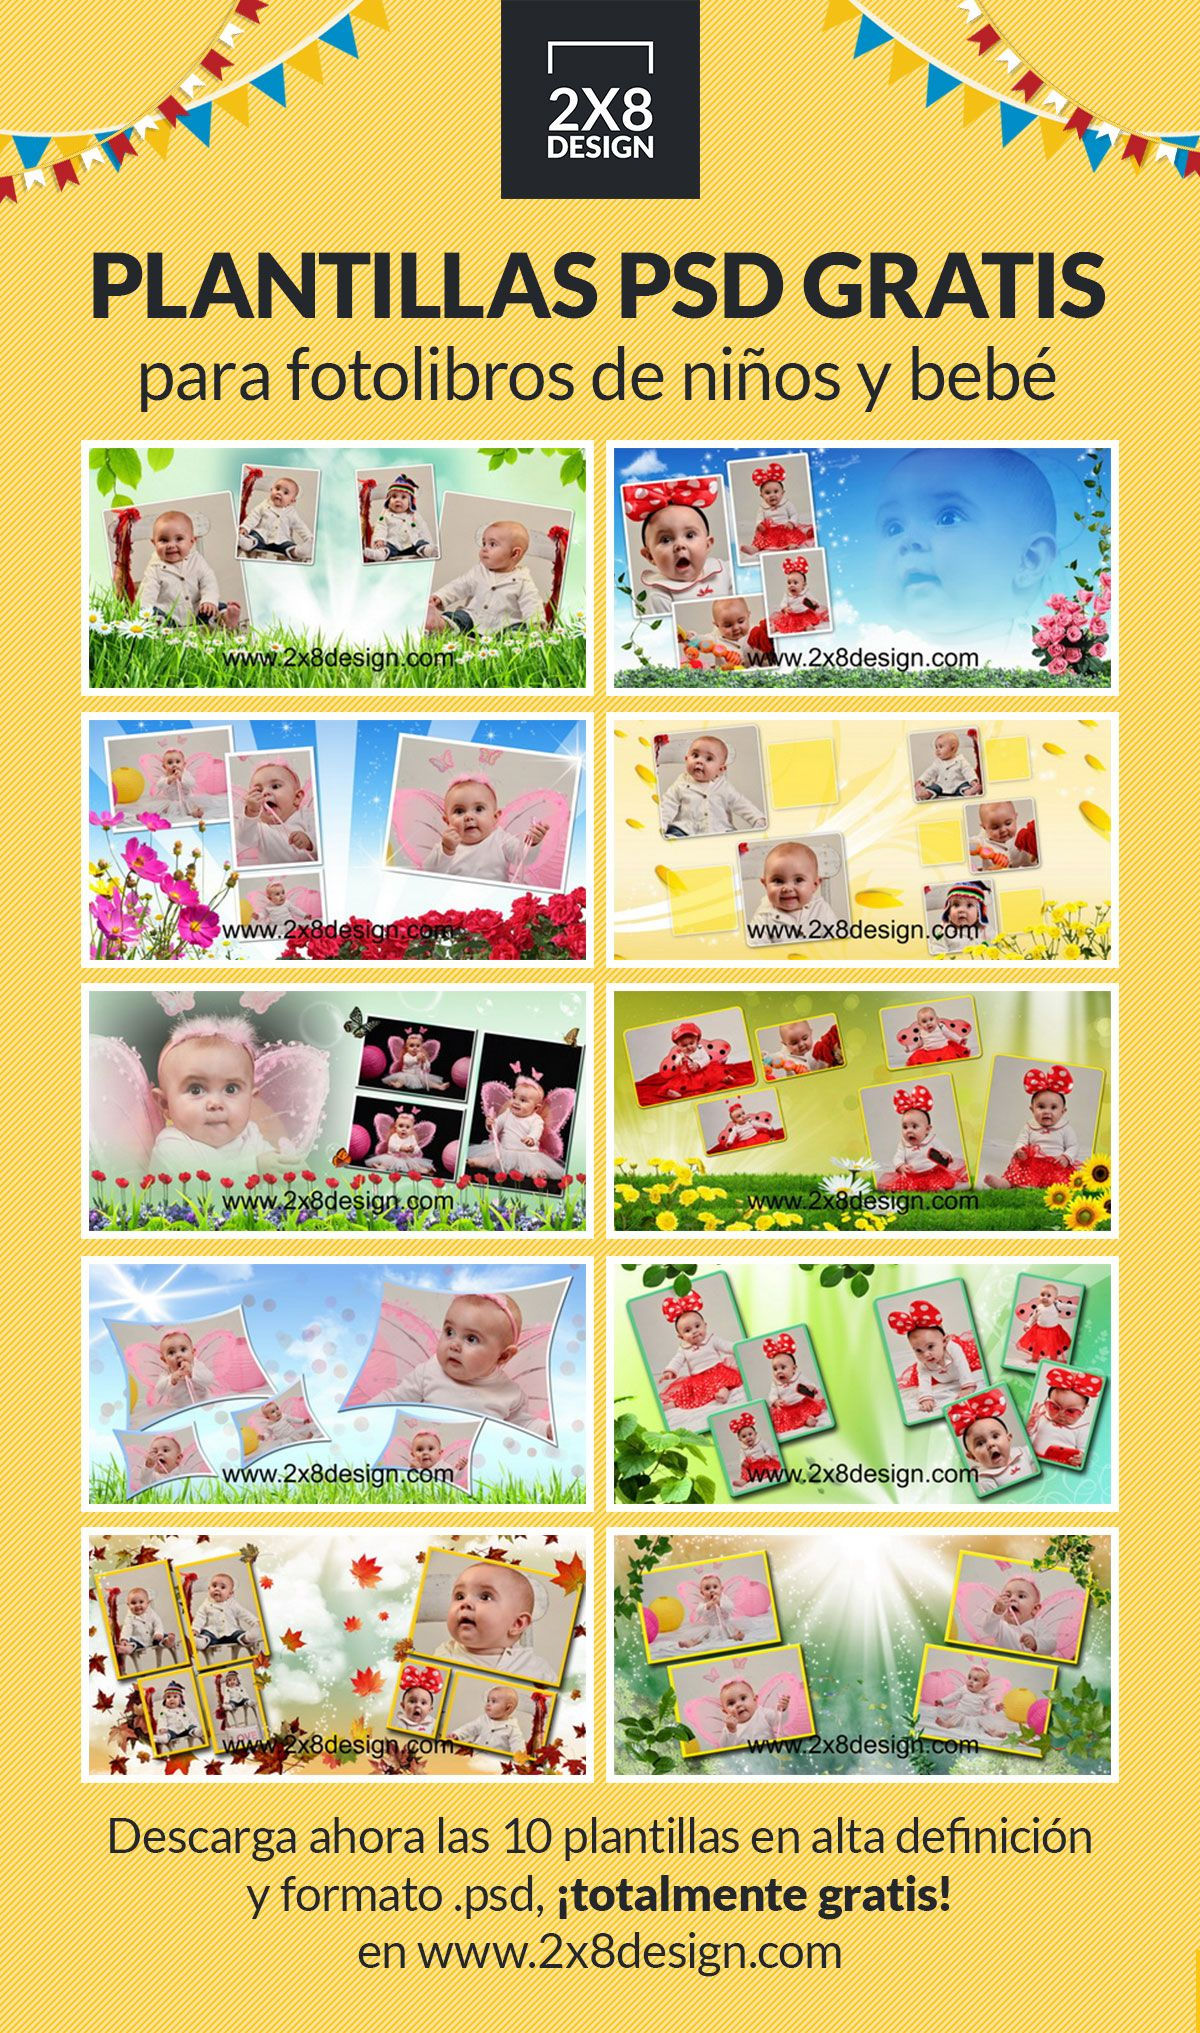 Plantillas PSD para fotolibros de niños y bebé, totalmente gratis ...